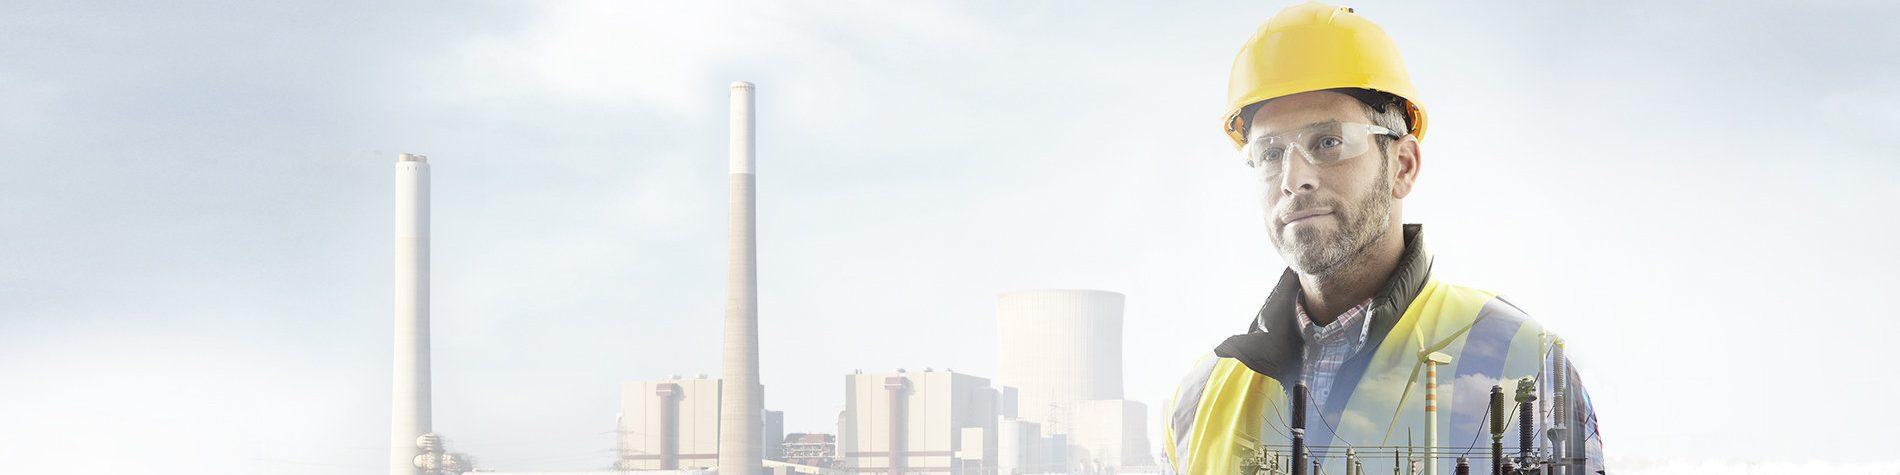 Смазочни продукти Shell за енергетиката